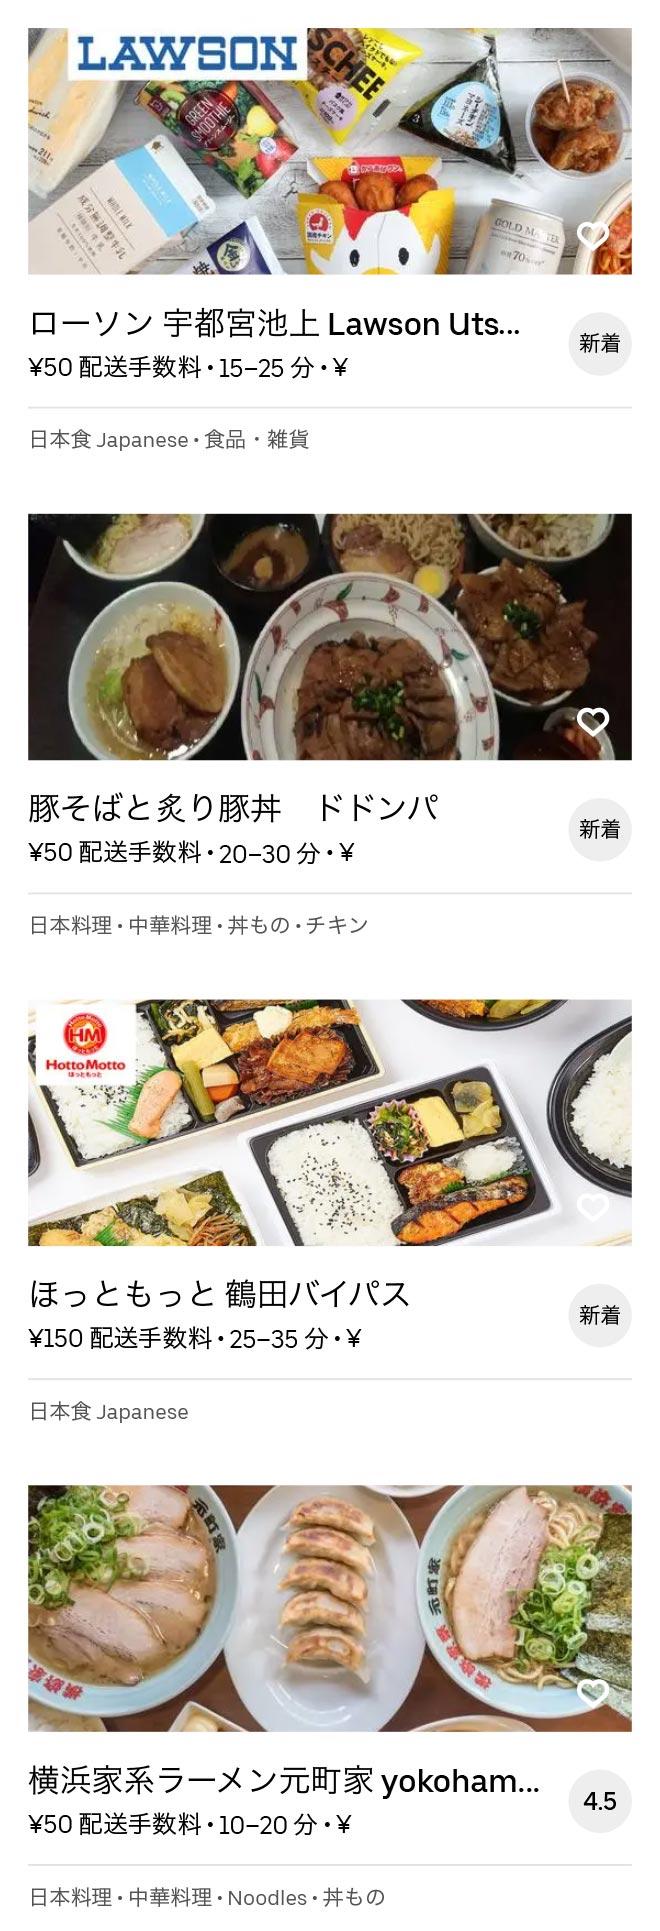 Tobu utsunomiya menu 2010 04